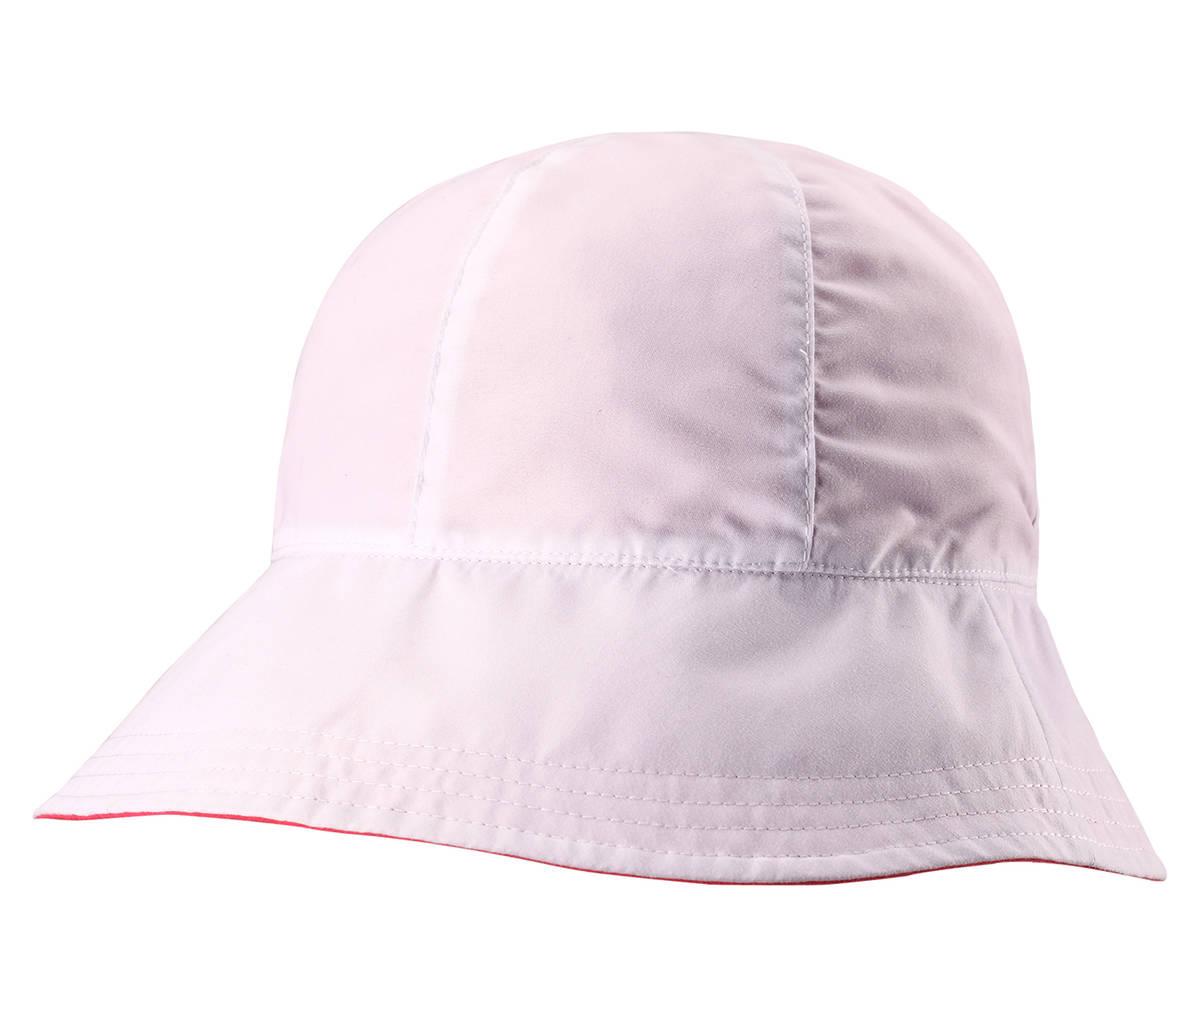 Reima Viiri käännettävä UV-hattu - White - UV-vaatteet - 2003625142 - 1